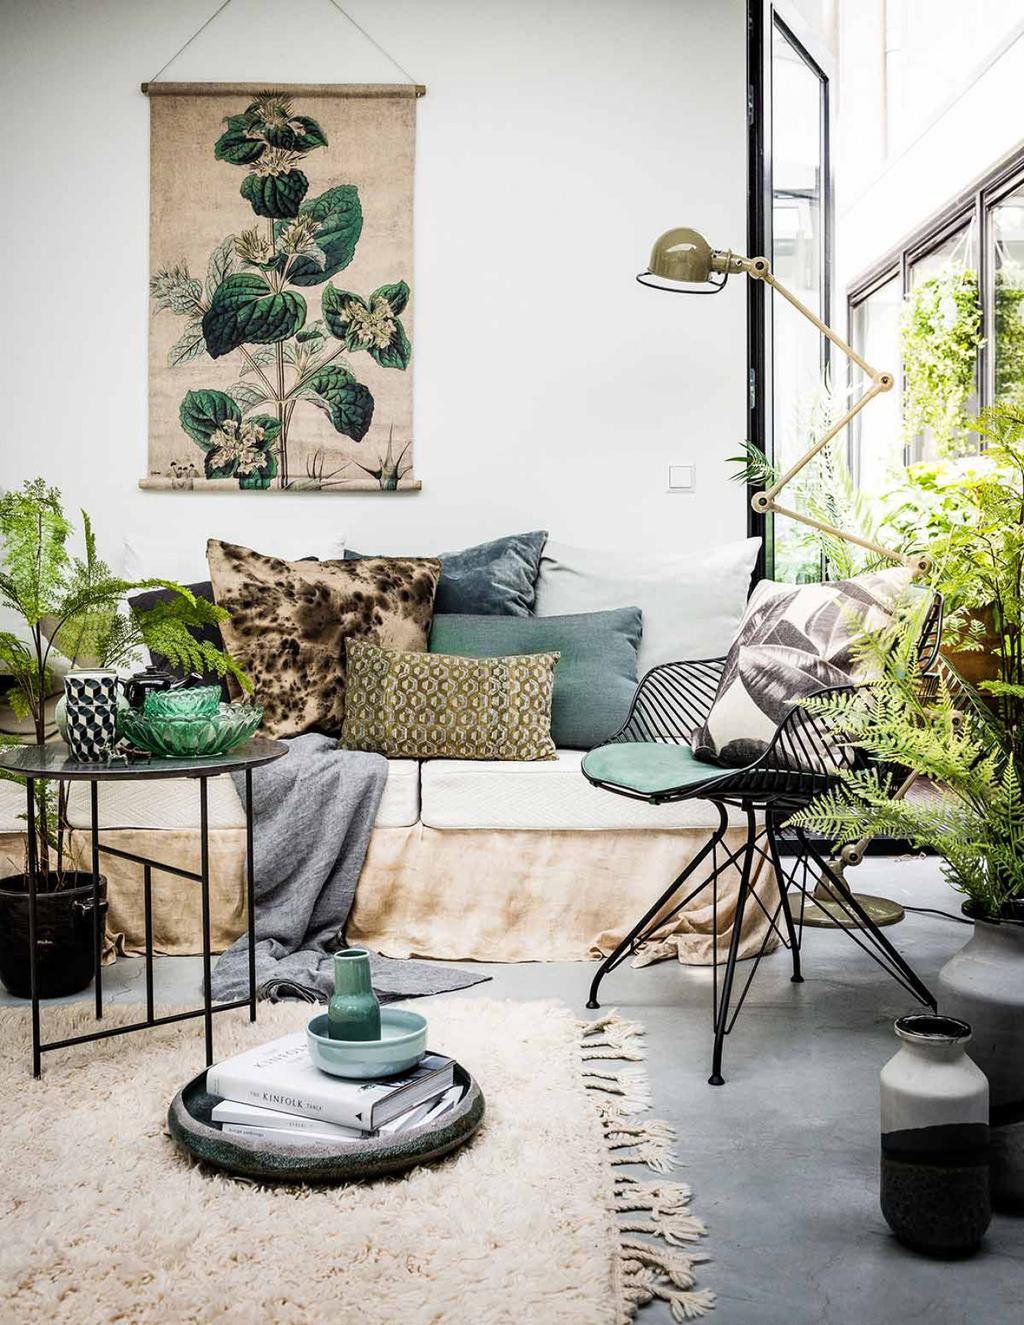 Canapé avec coussins tons gris vert poster mural plante.